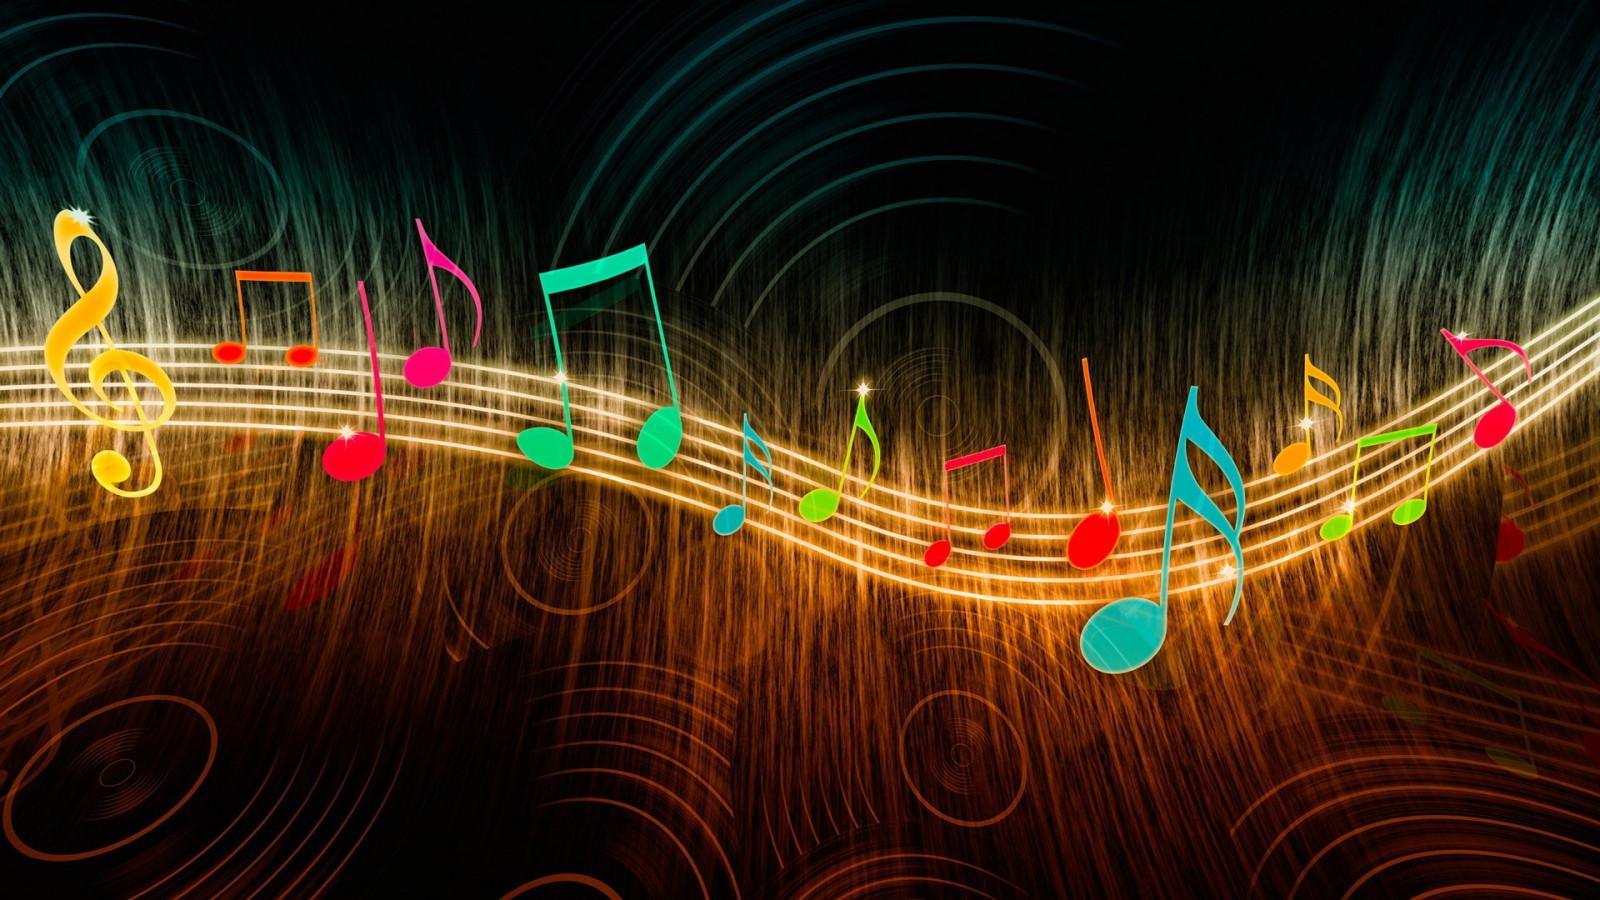 Анимированные обои для музыки